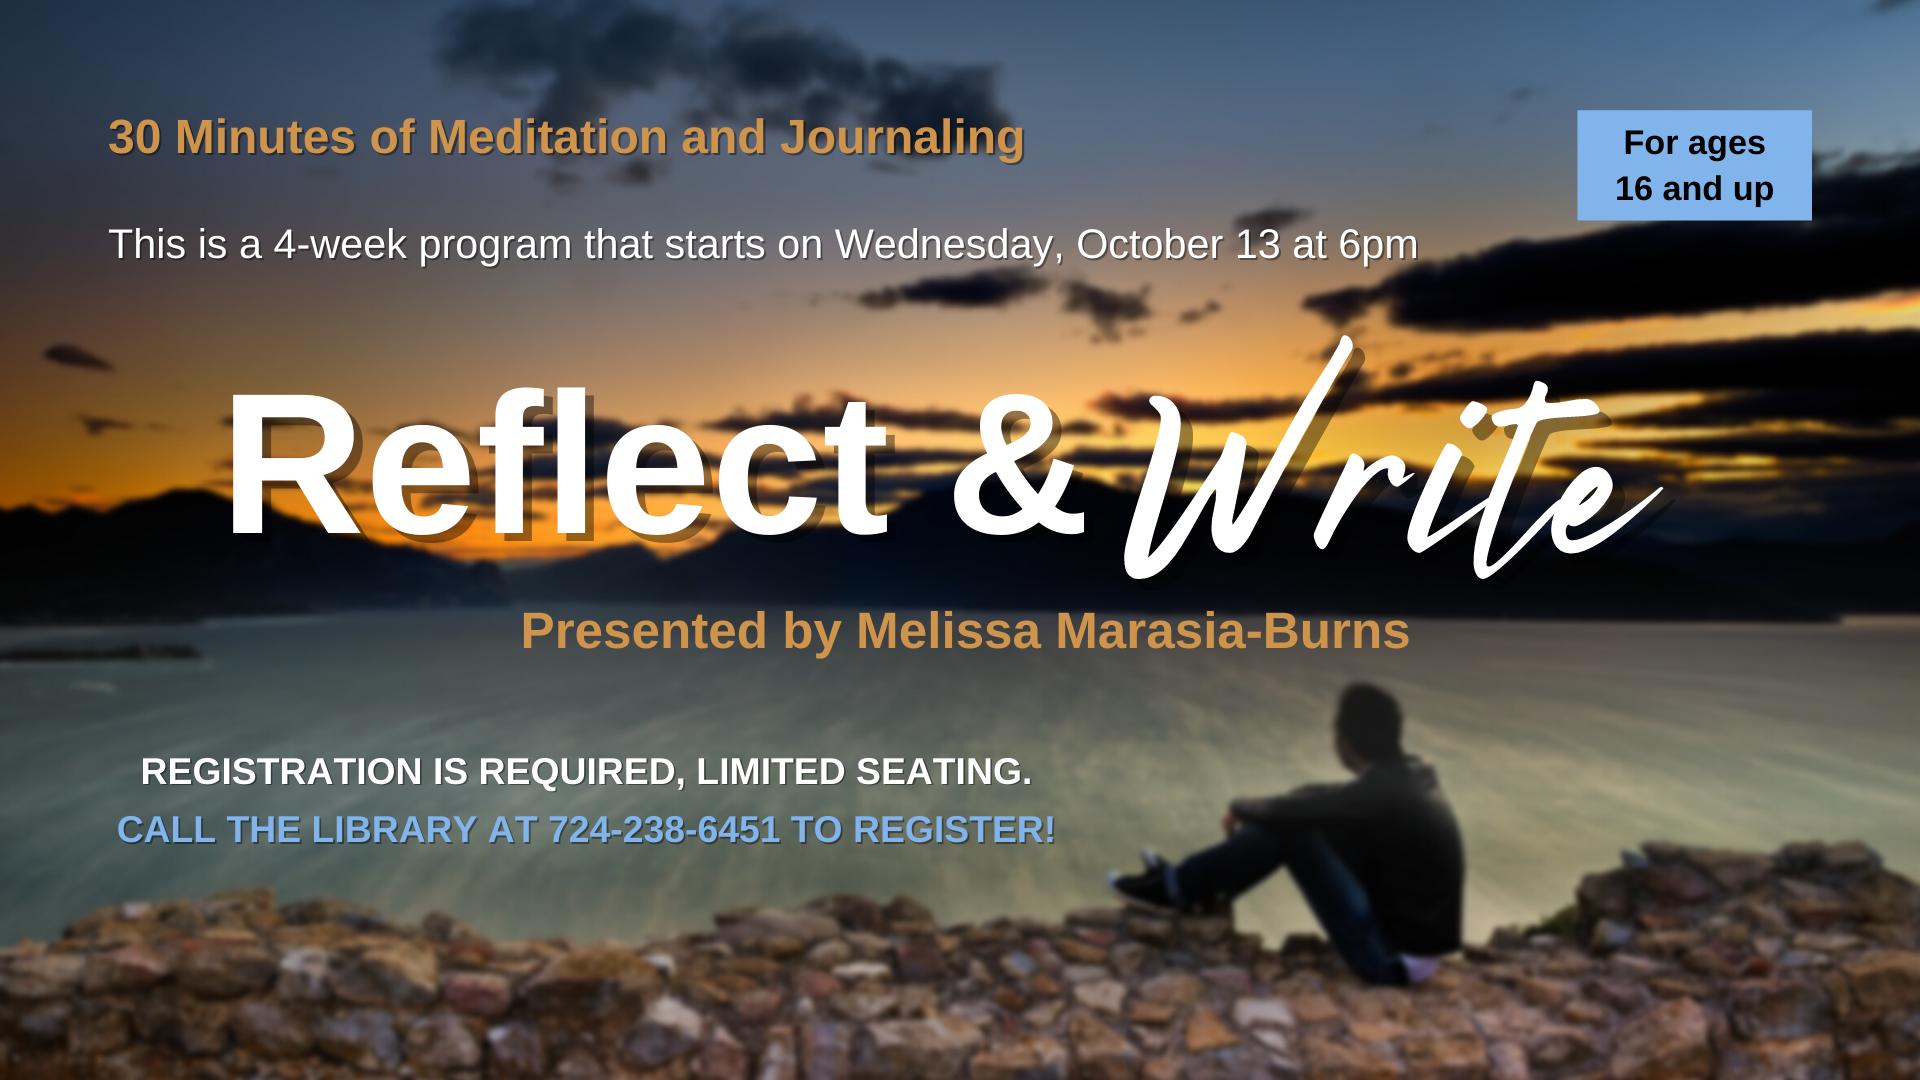 Reflect & Write